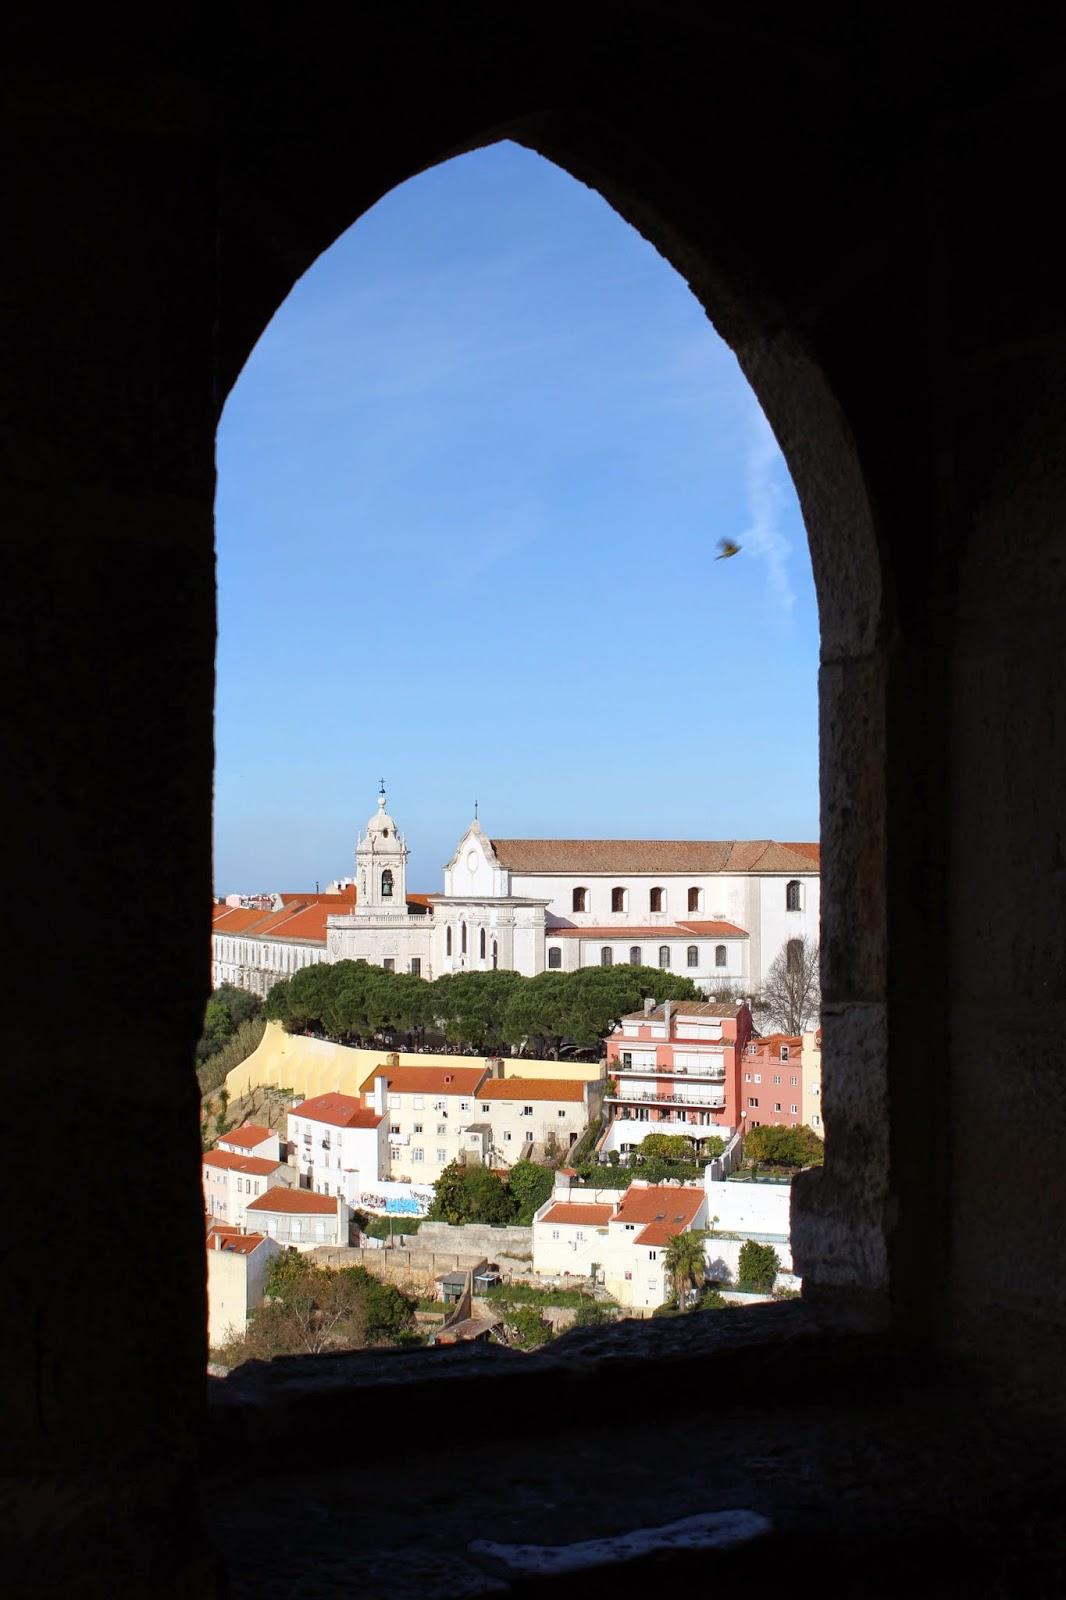 d7cdb7fbc59 ... que recebe projecções de Lisboa através de um sistema óptimo gigante  composto por espelhos e lentes. É possível ver a cidade em tempo real e a  360º